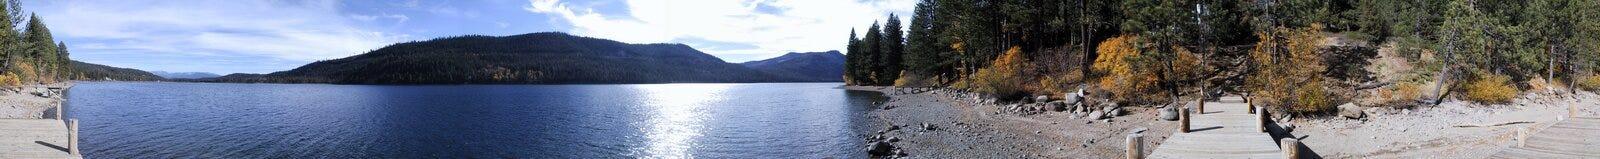 jezioro panoramiczny donner zdjęcie royalty free